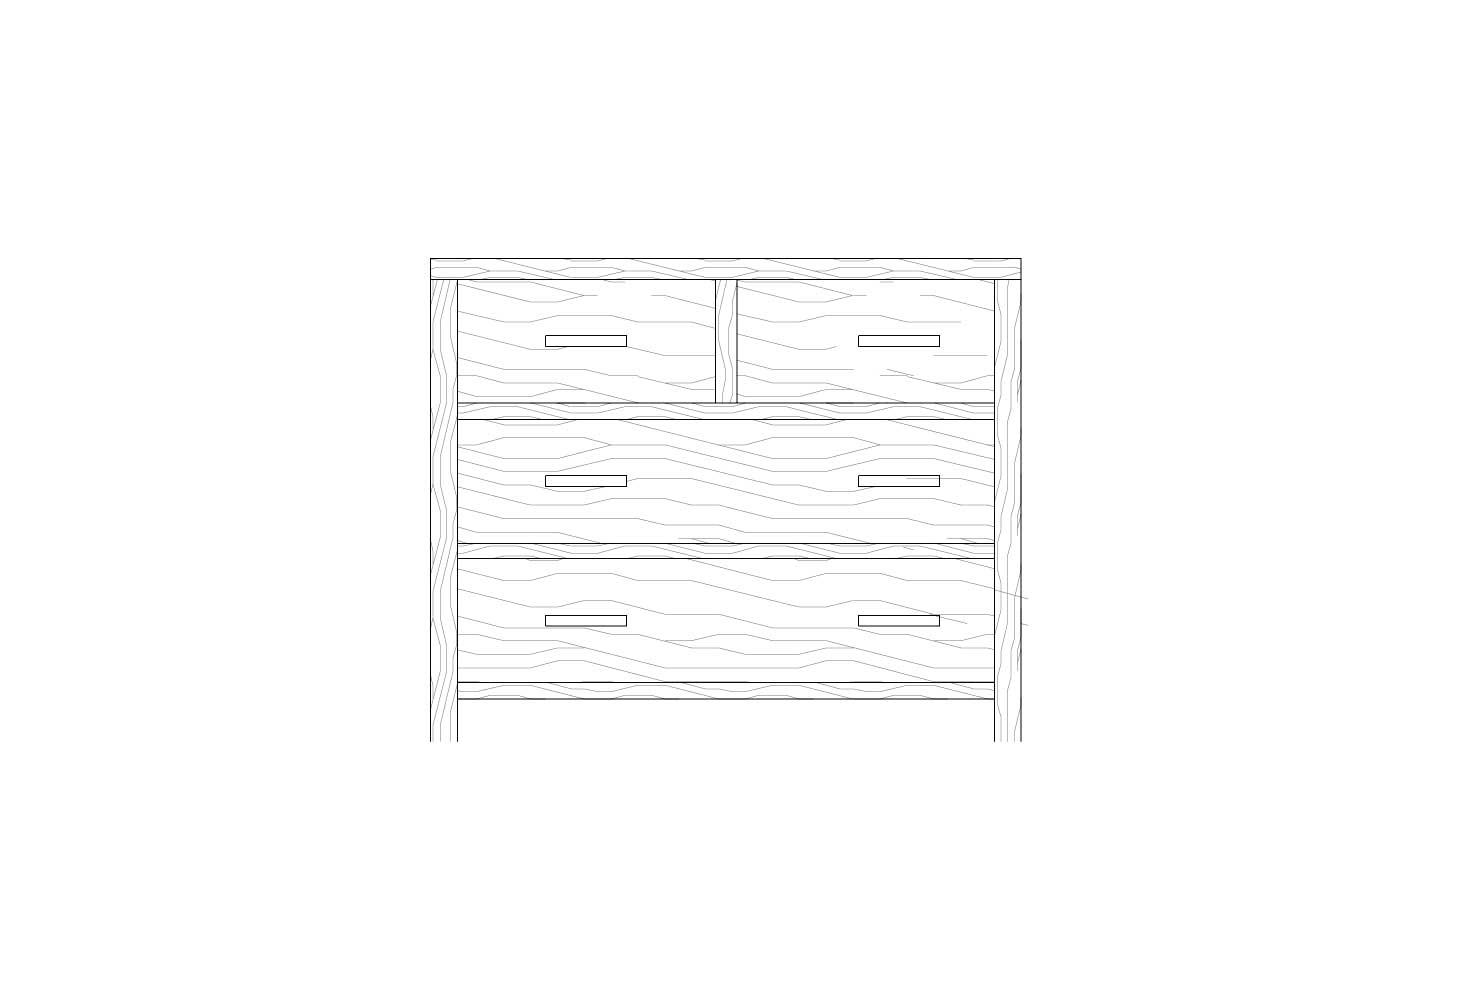 cassettiera-110-4-disegno